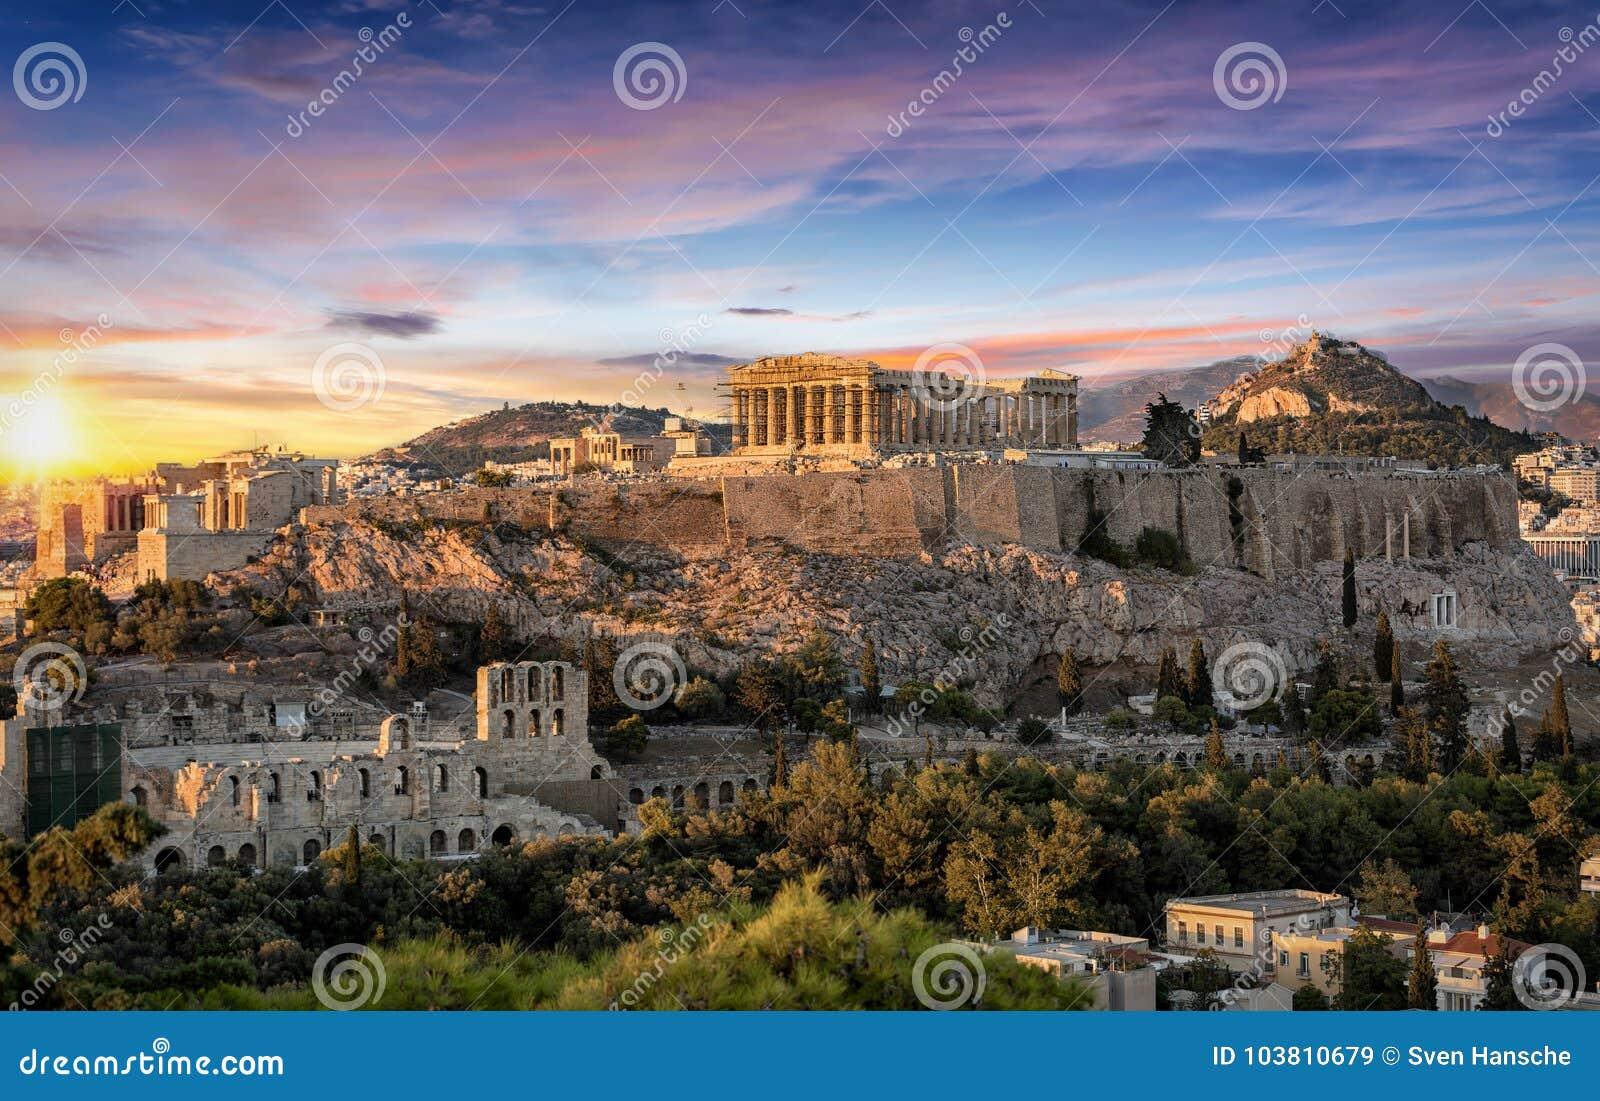 El templo del Parthenon en la acrópolis de Atenas, Grecia